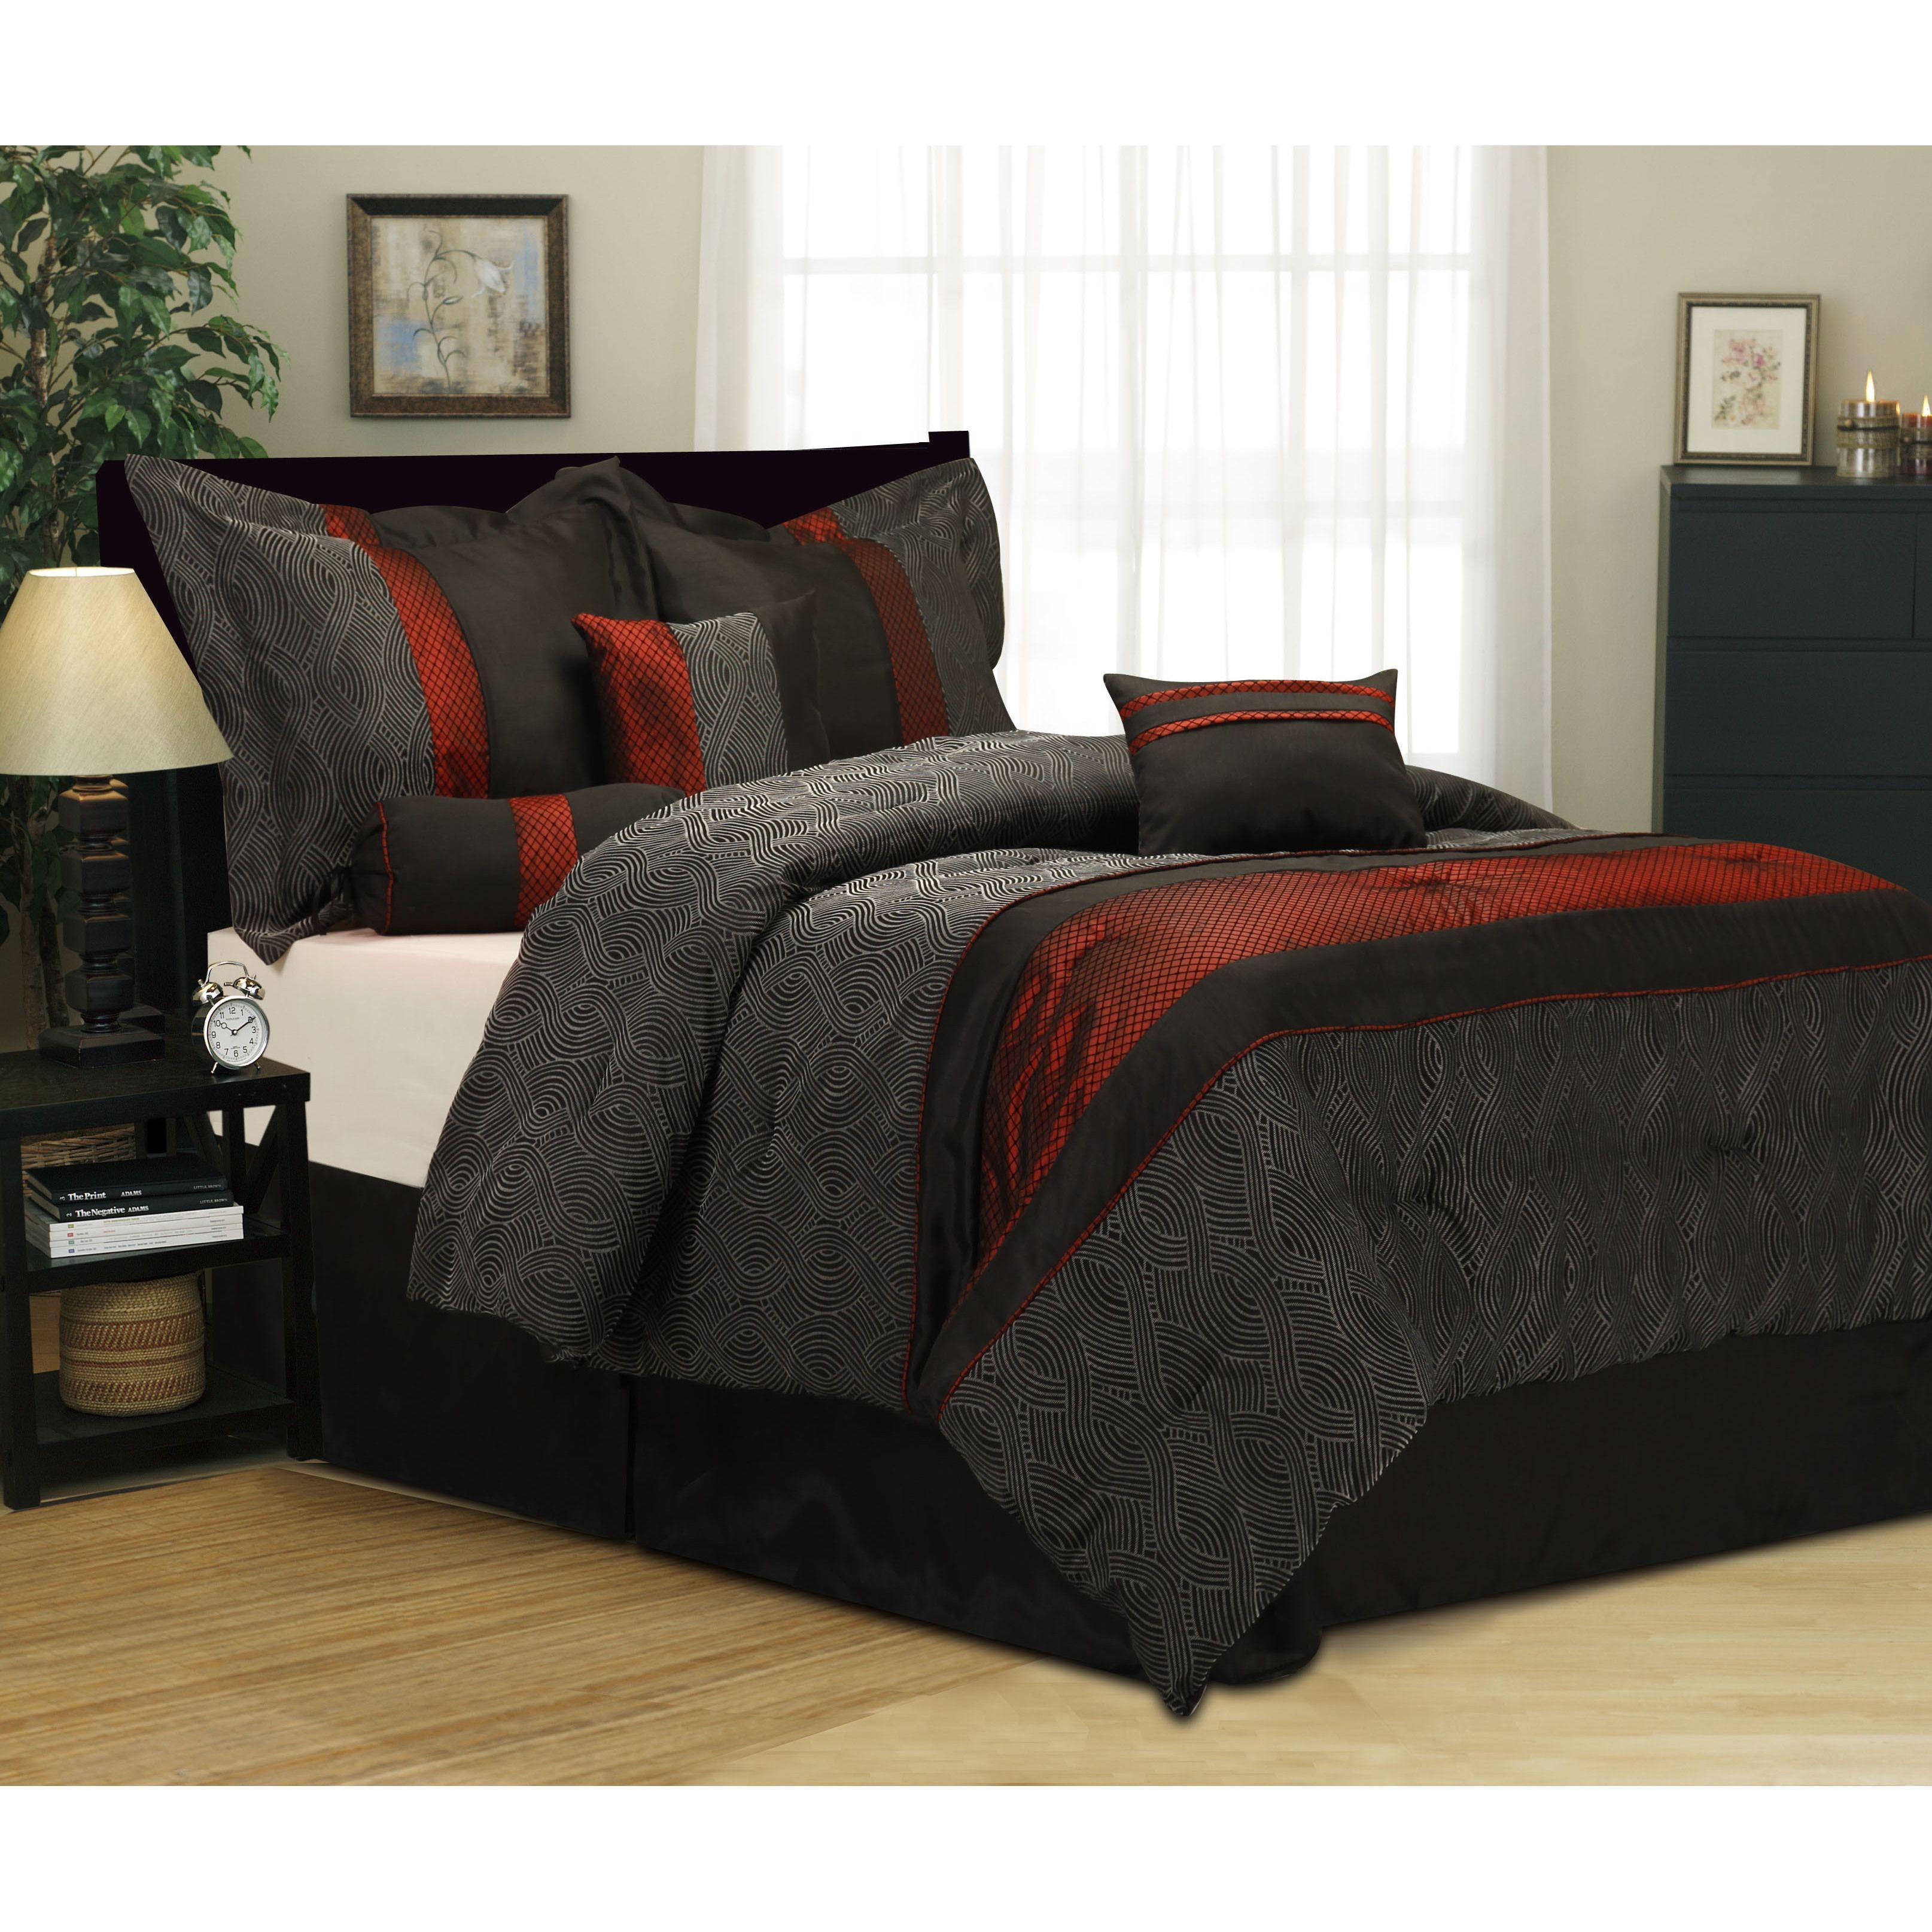 Nanshing corell red black 7 piece comforter set california king